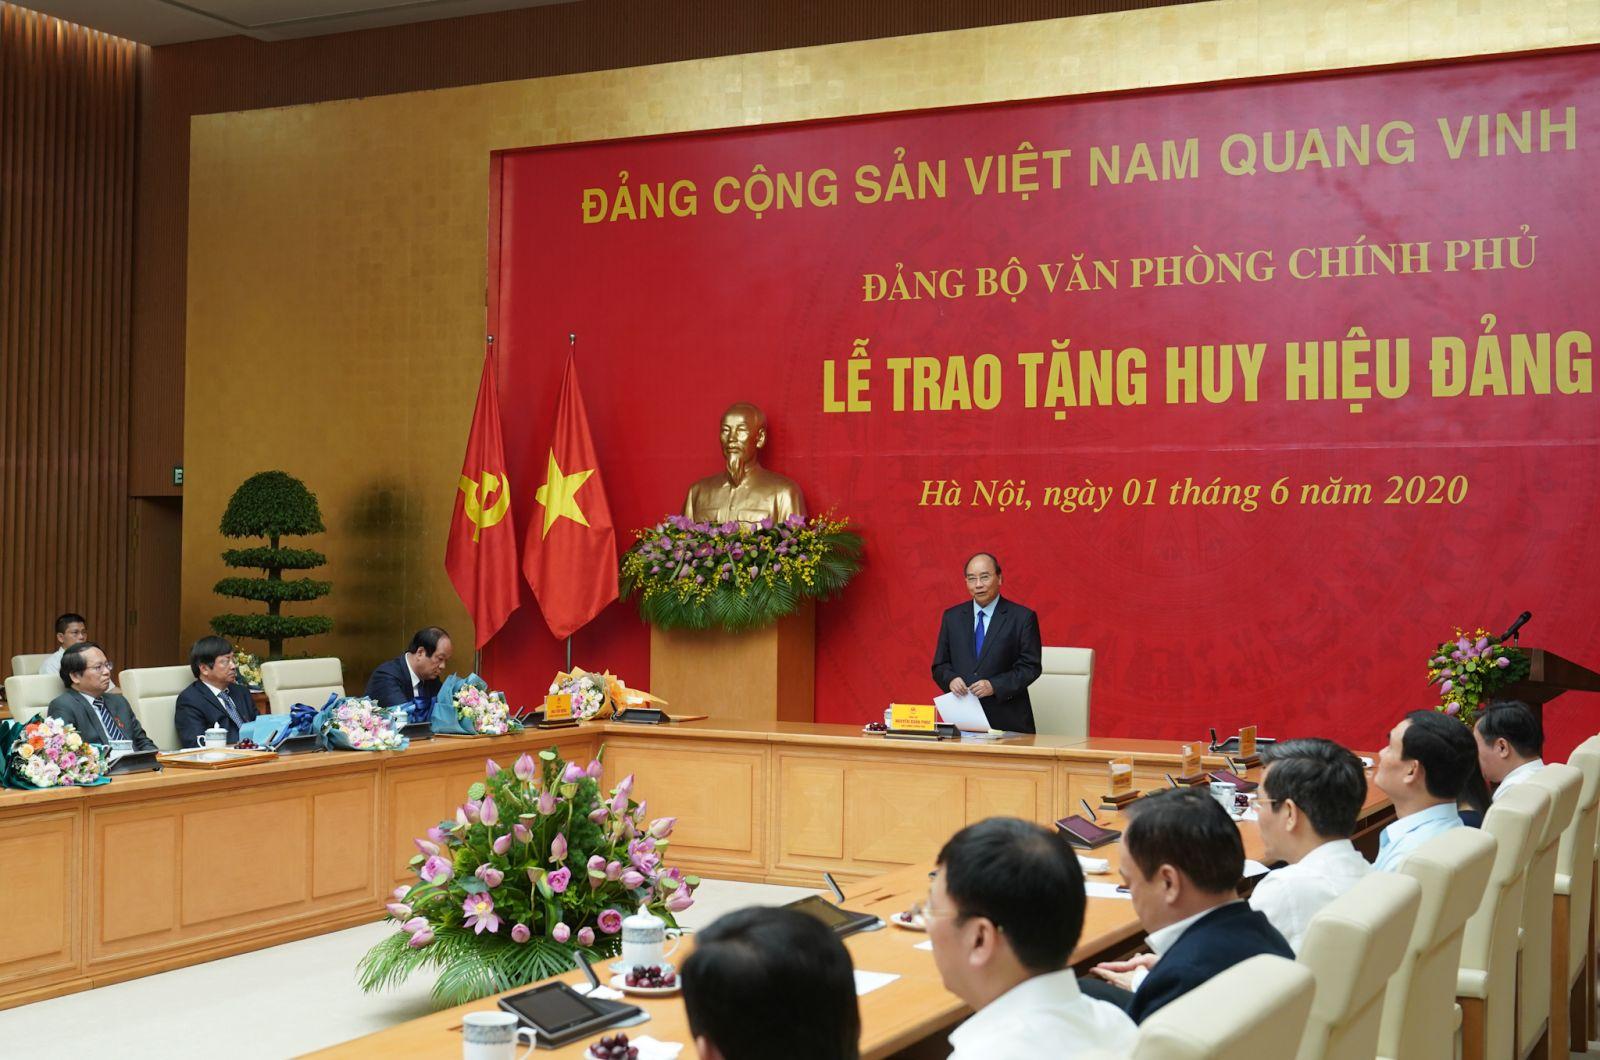 Thủ tướng Nguyễn Xuân Phúc phát biểu tại lễ trao tặng - Ảnh: VGP/Quang Hiếu